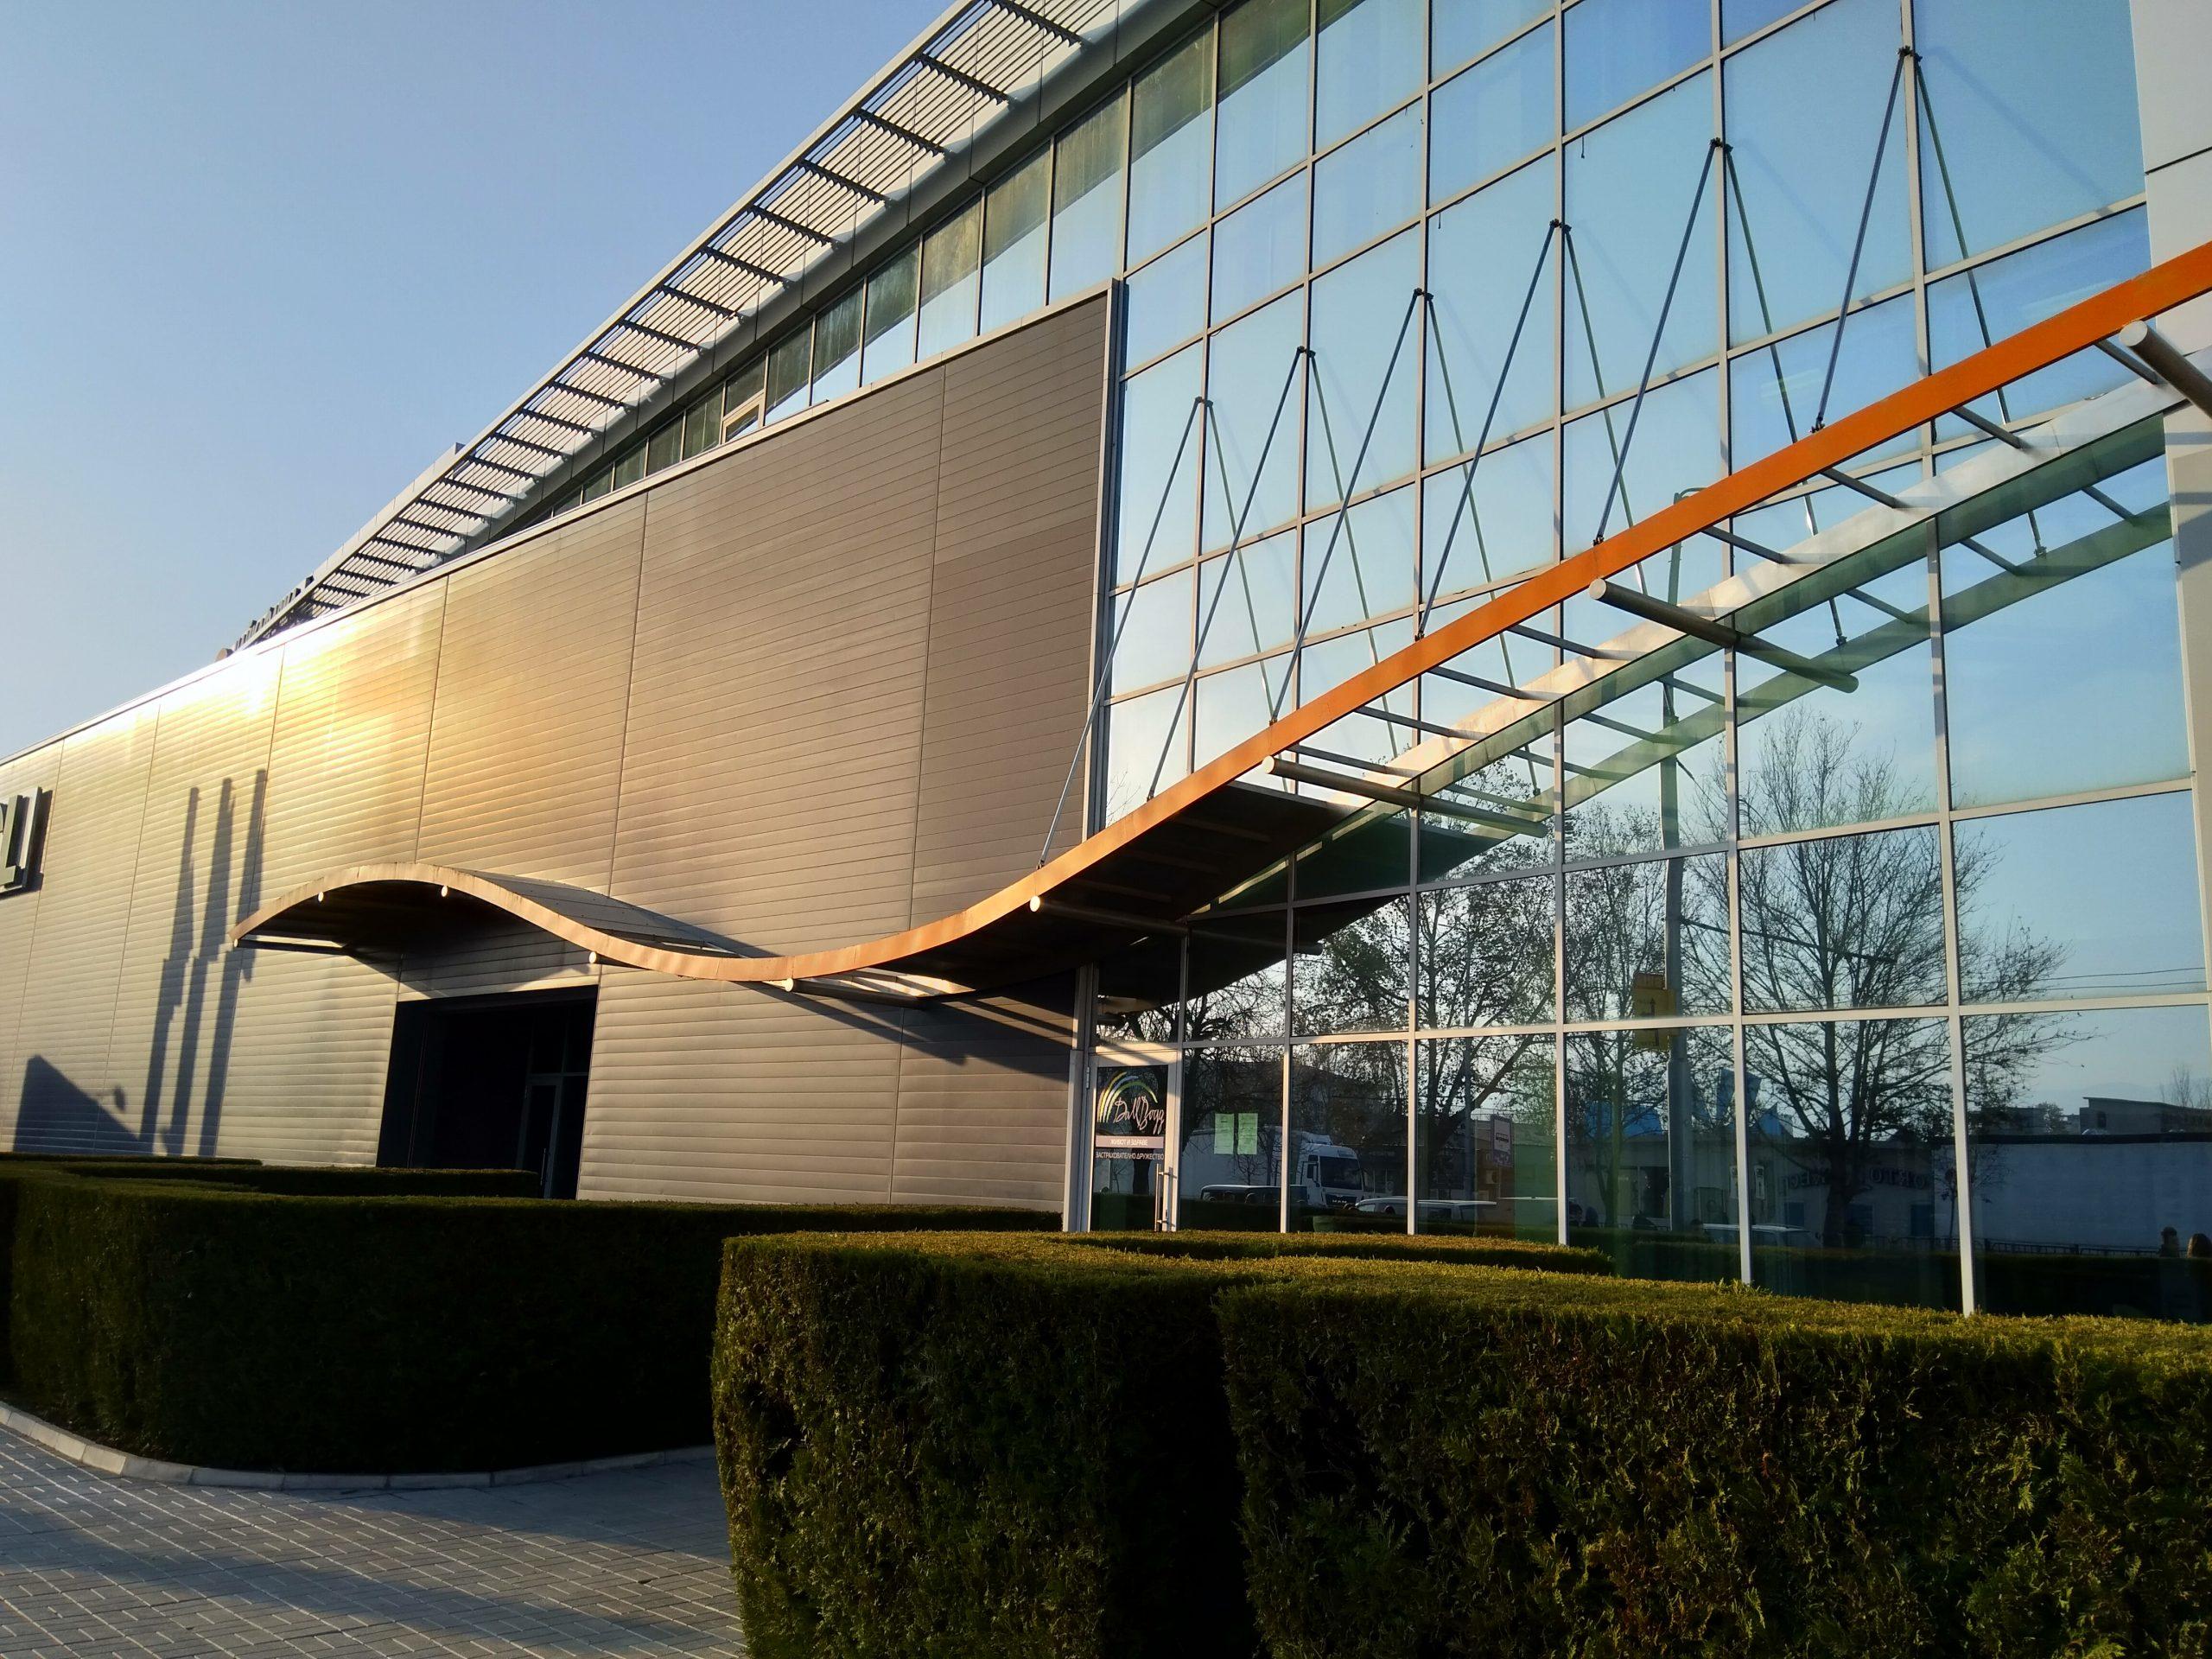 Pleven Production Plant Sunset Entrance